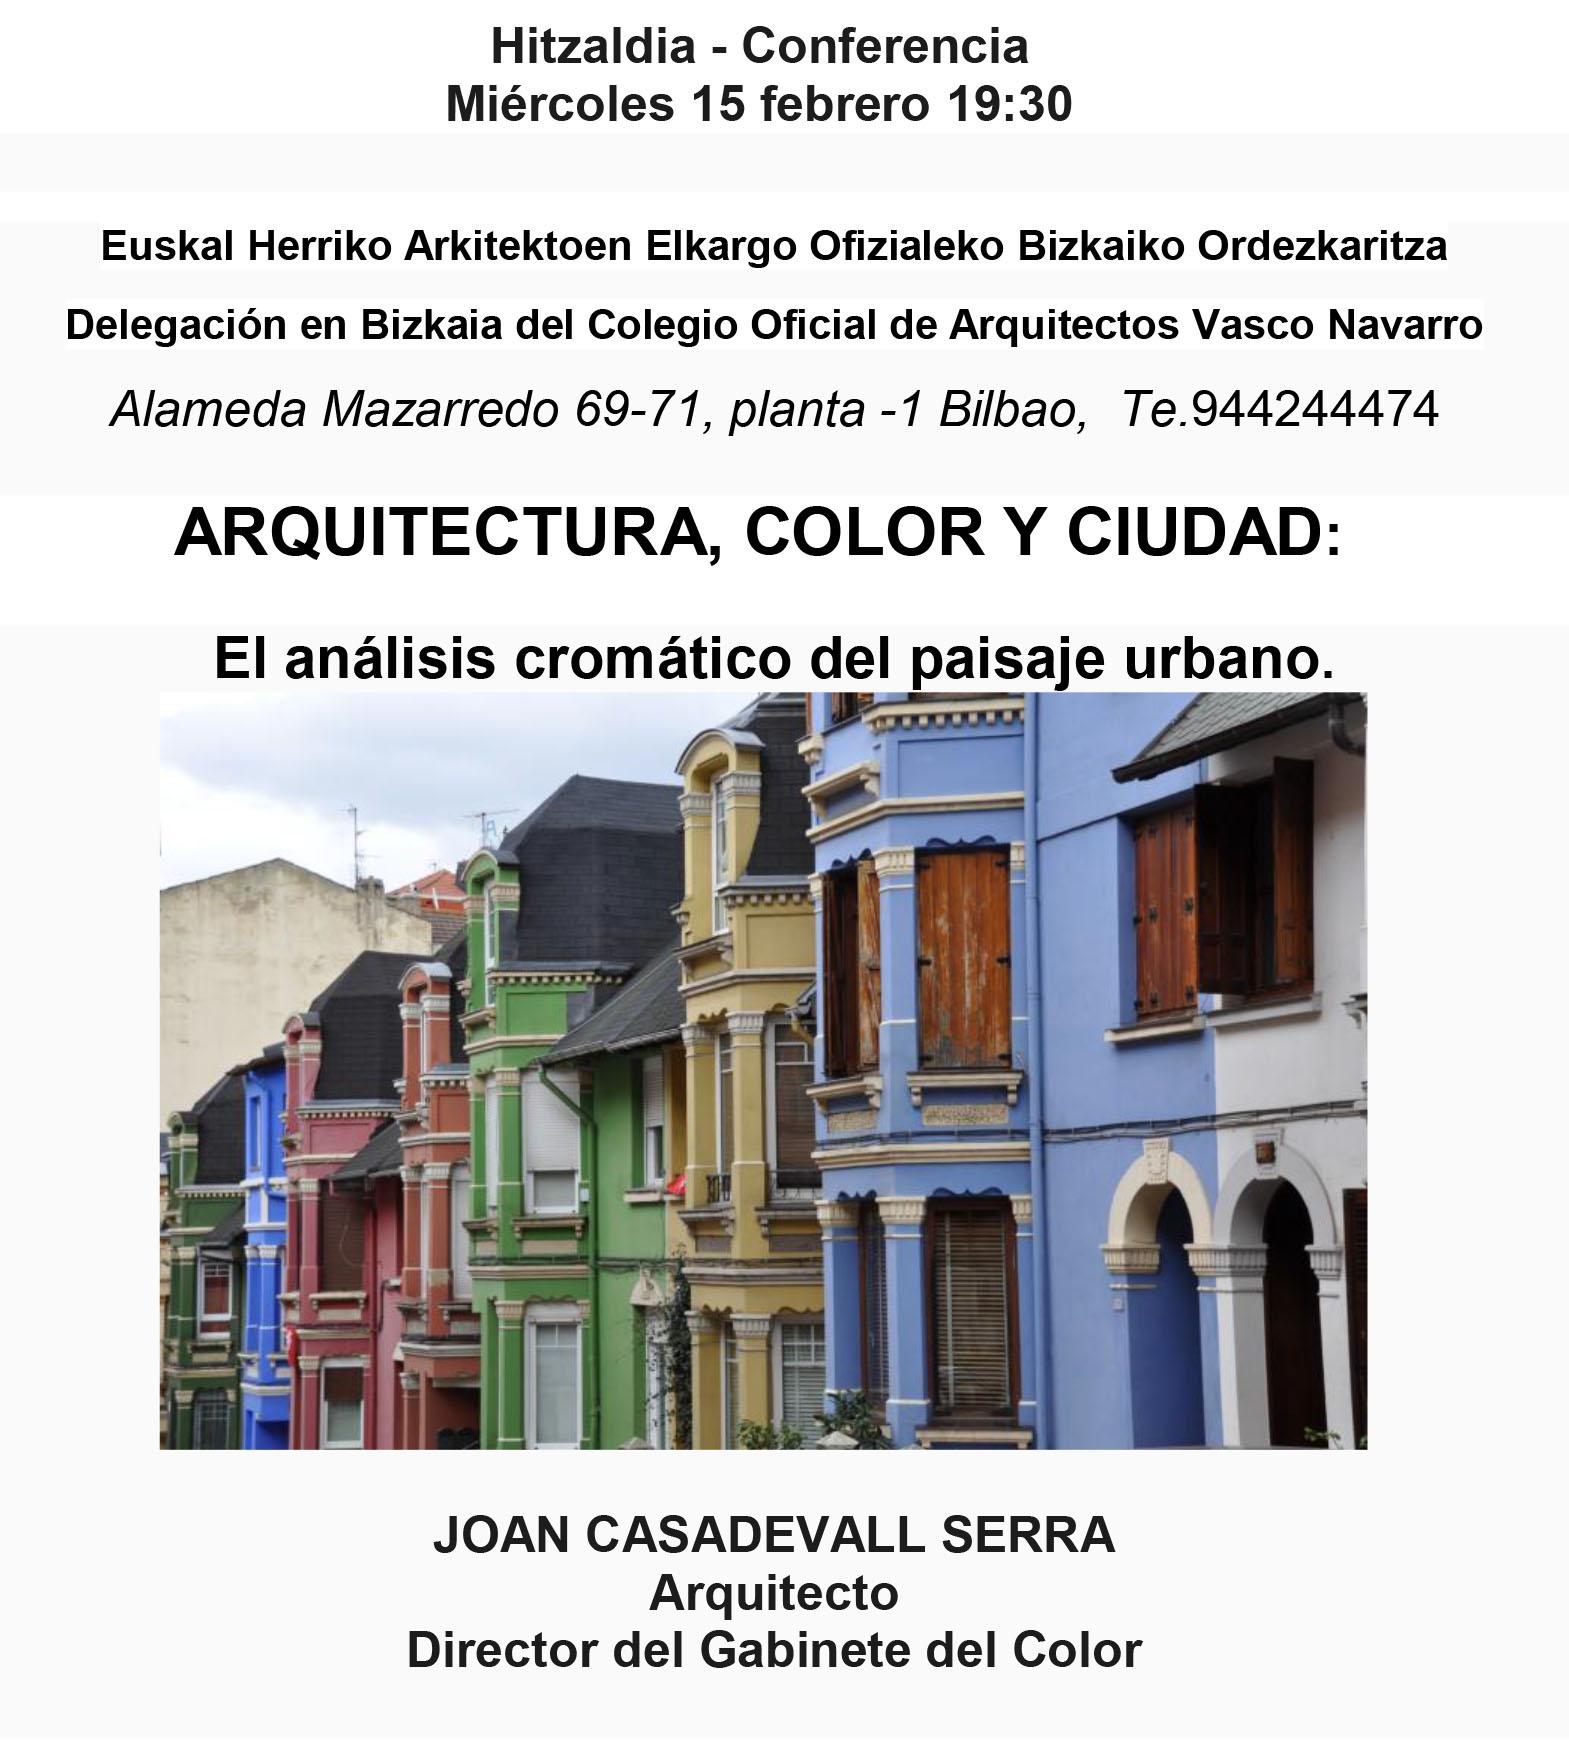 Colegio de arquitectos de bizkaia perfect panel iiguez de onzoo en exposicin arquitectos de - Colegio arquitectos bilbao ...